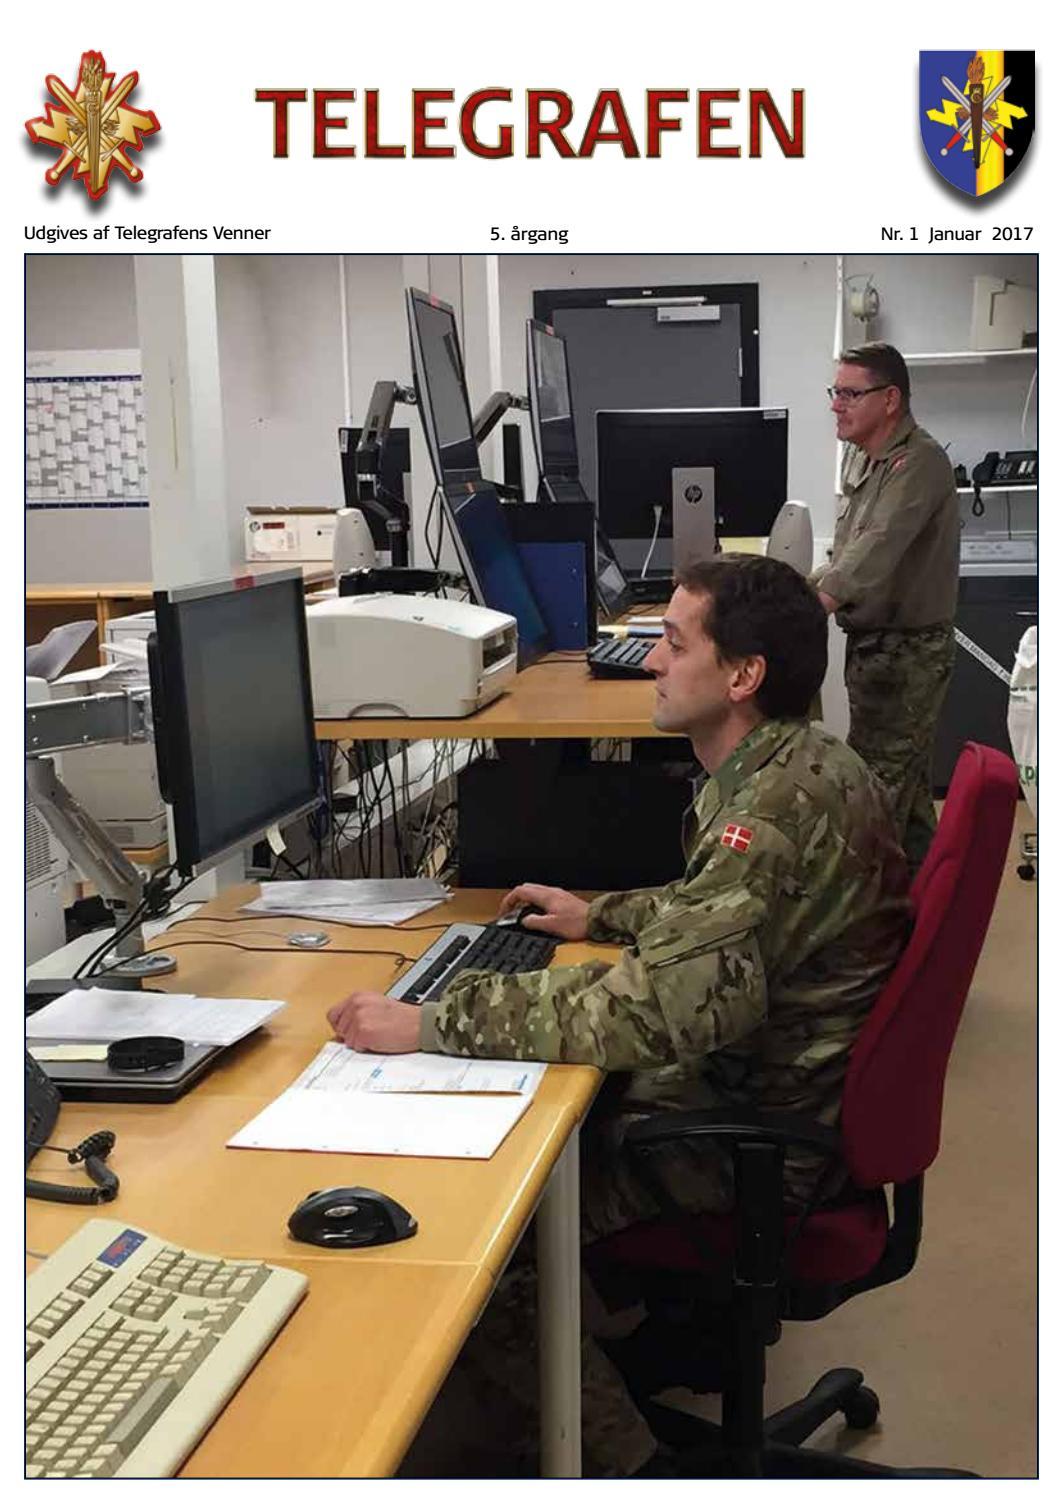 dating sites at møde soldater